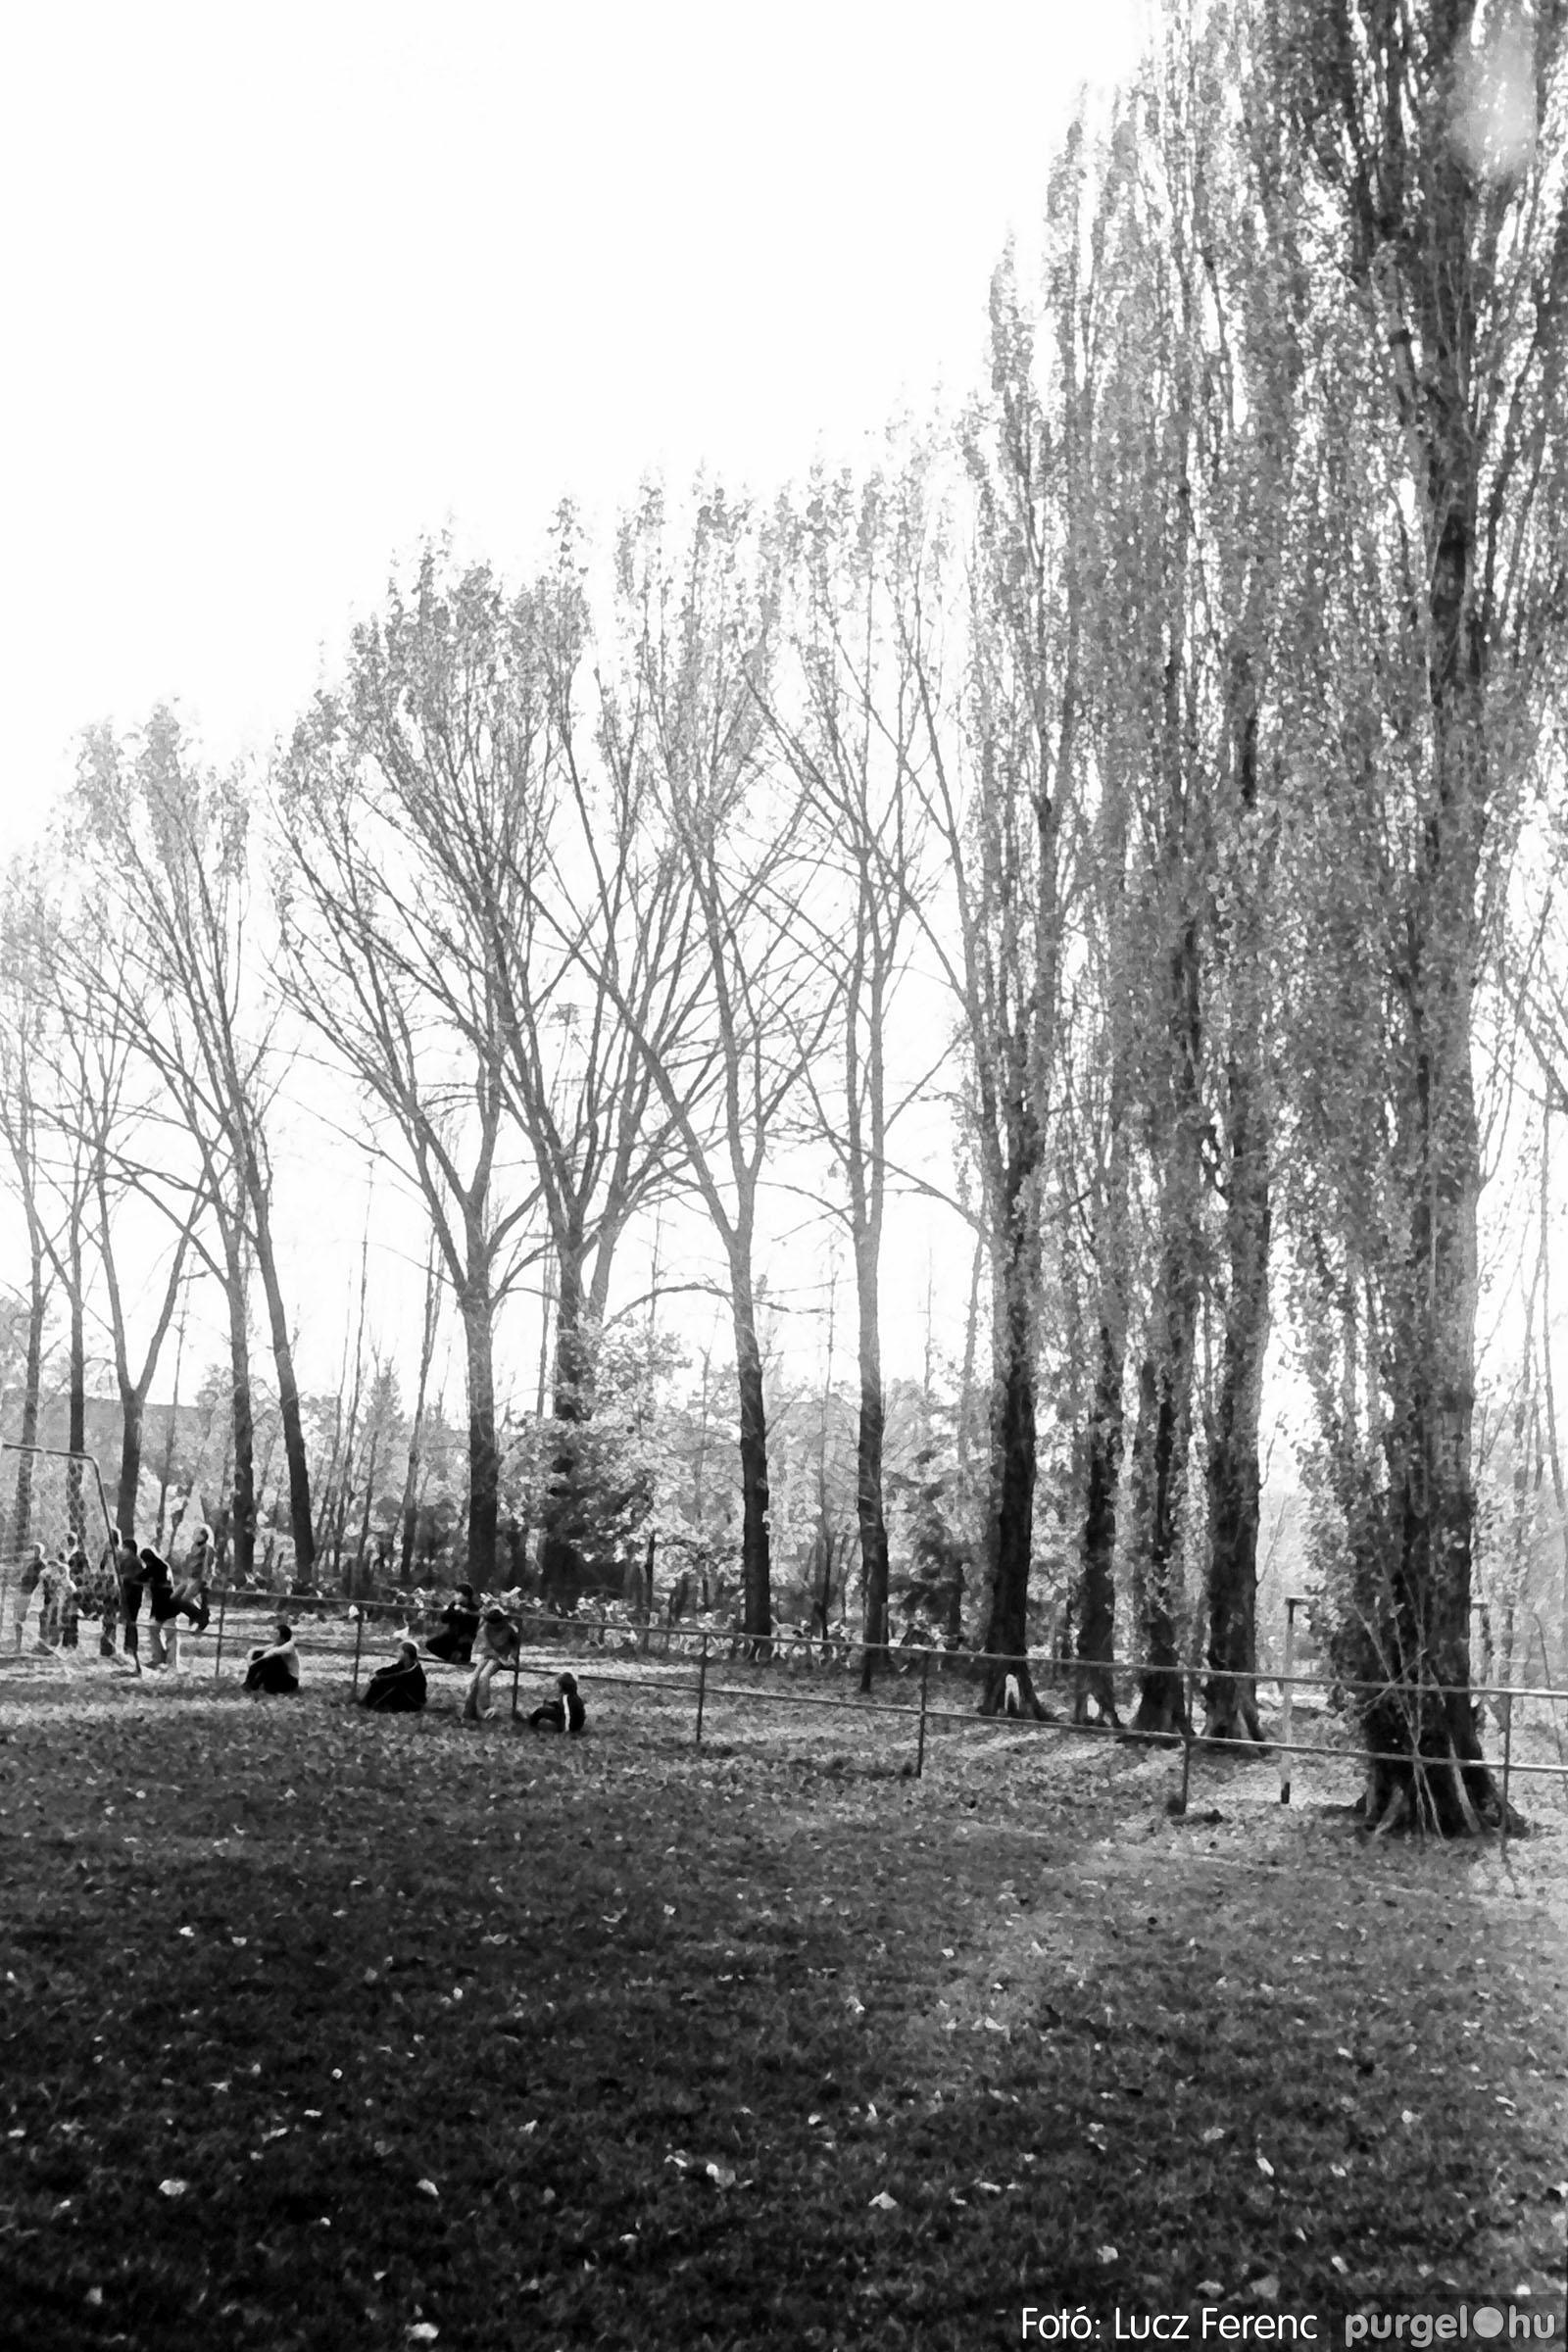 022 1975. Kurca, faluközpont, sportpálya 007 - Fotó: Lucz Ferenc .jpg